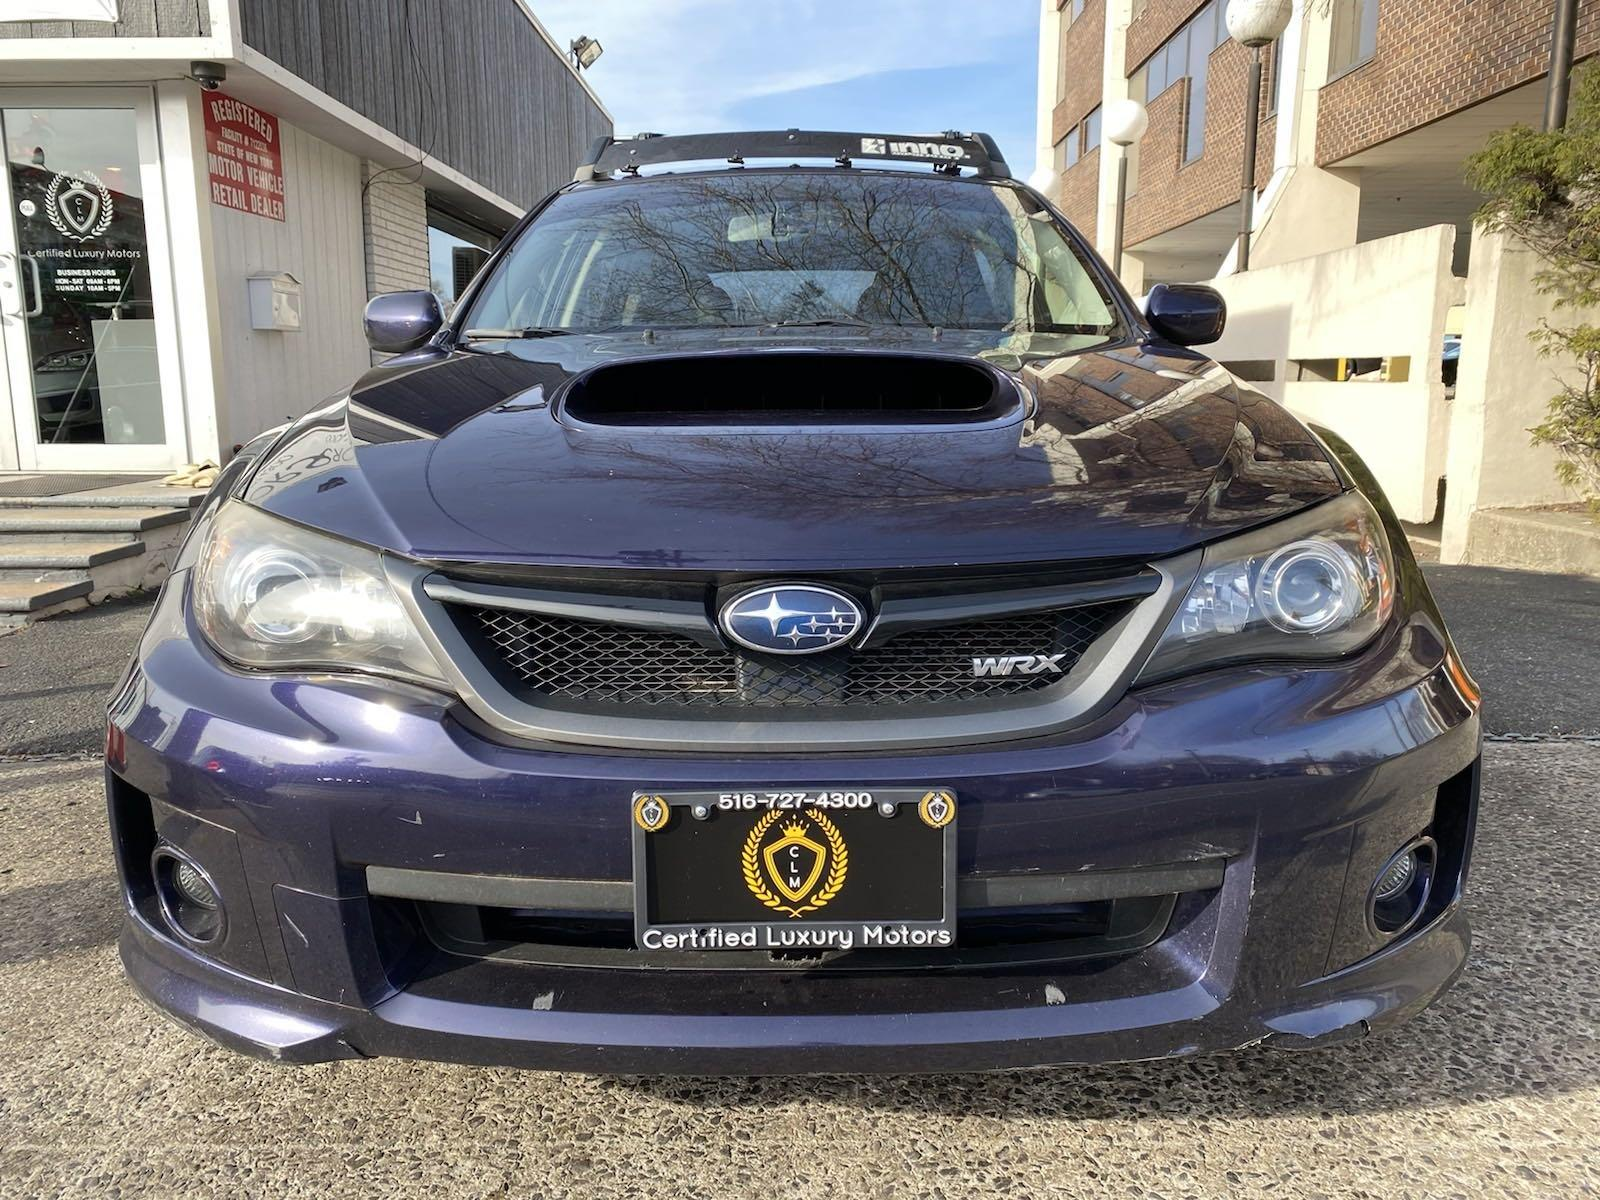 Used-2013-Subaru-Impreza-Wagon-WRX-WRX-Limited